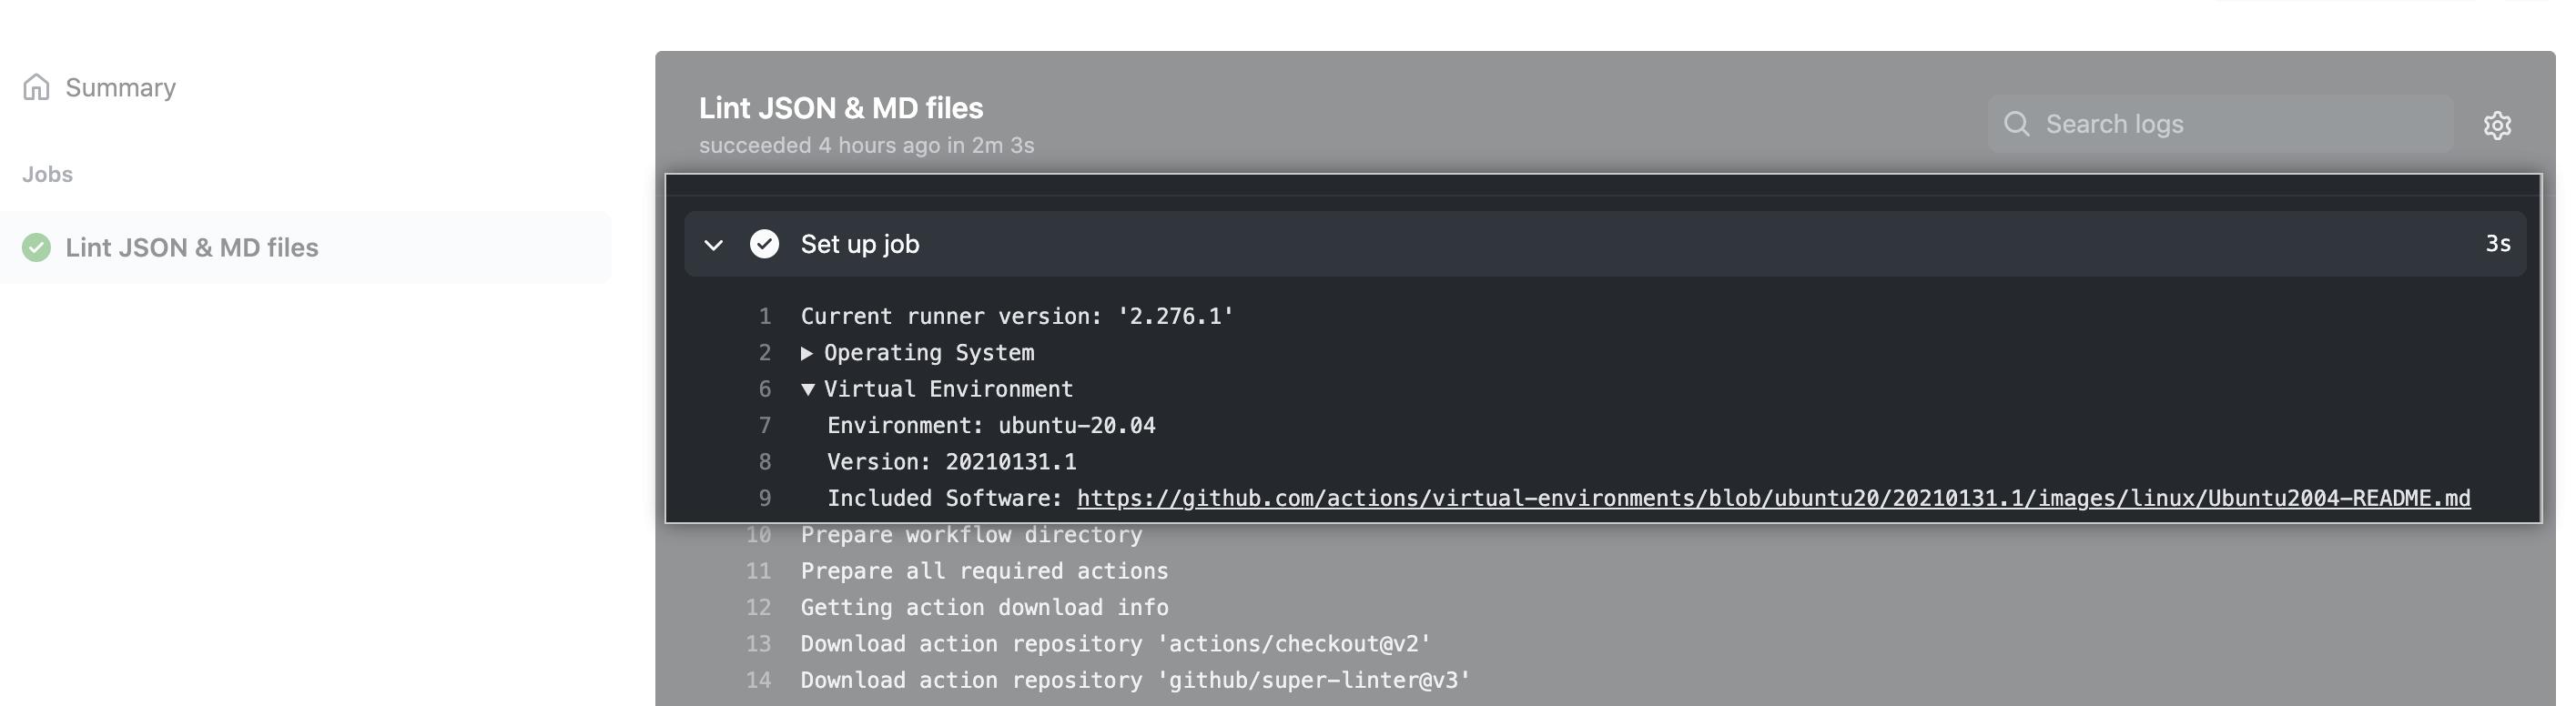 Installed software link